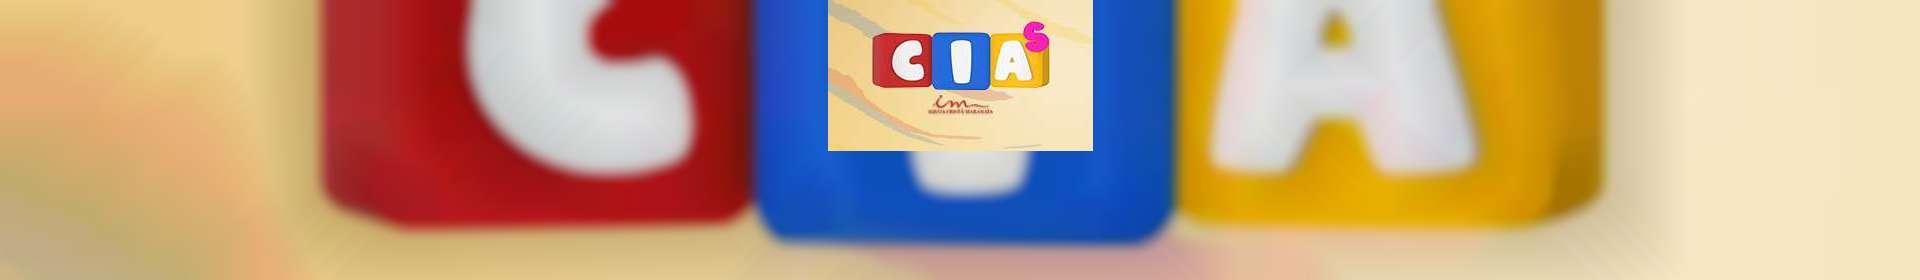 Aula de CIAS: classe de 11 a 15 anos - 21 de maio de 2020